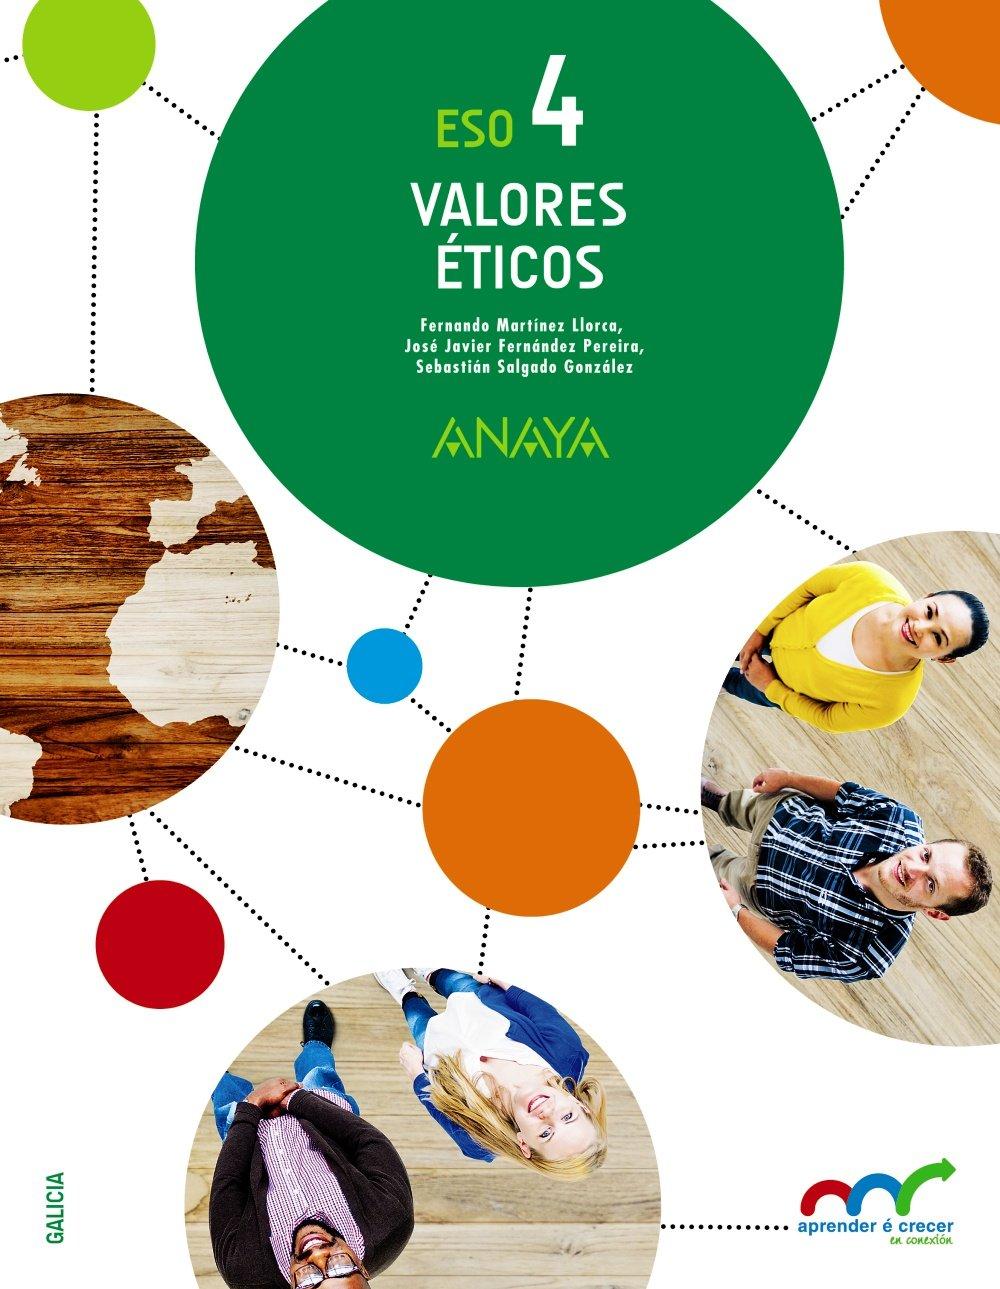 Valores Éticos 4 (Aprender é crecer en conexión) - 9788469812600 (Gallego) Tapa blanda – 24 ago 2016 Fernando Martínez Llorca Sebastián Salgado González ANAYA EDUCACIÓN 8469812602